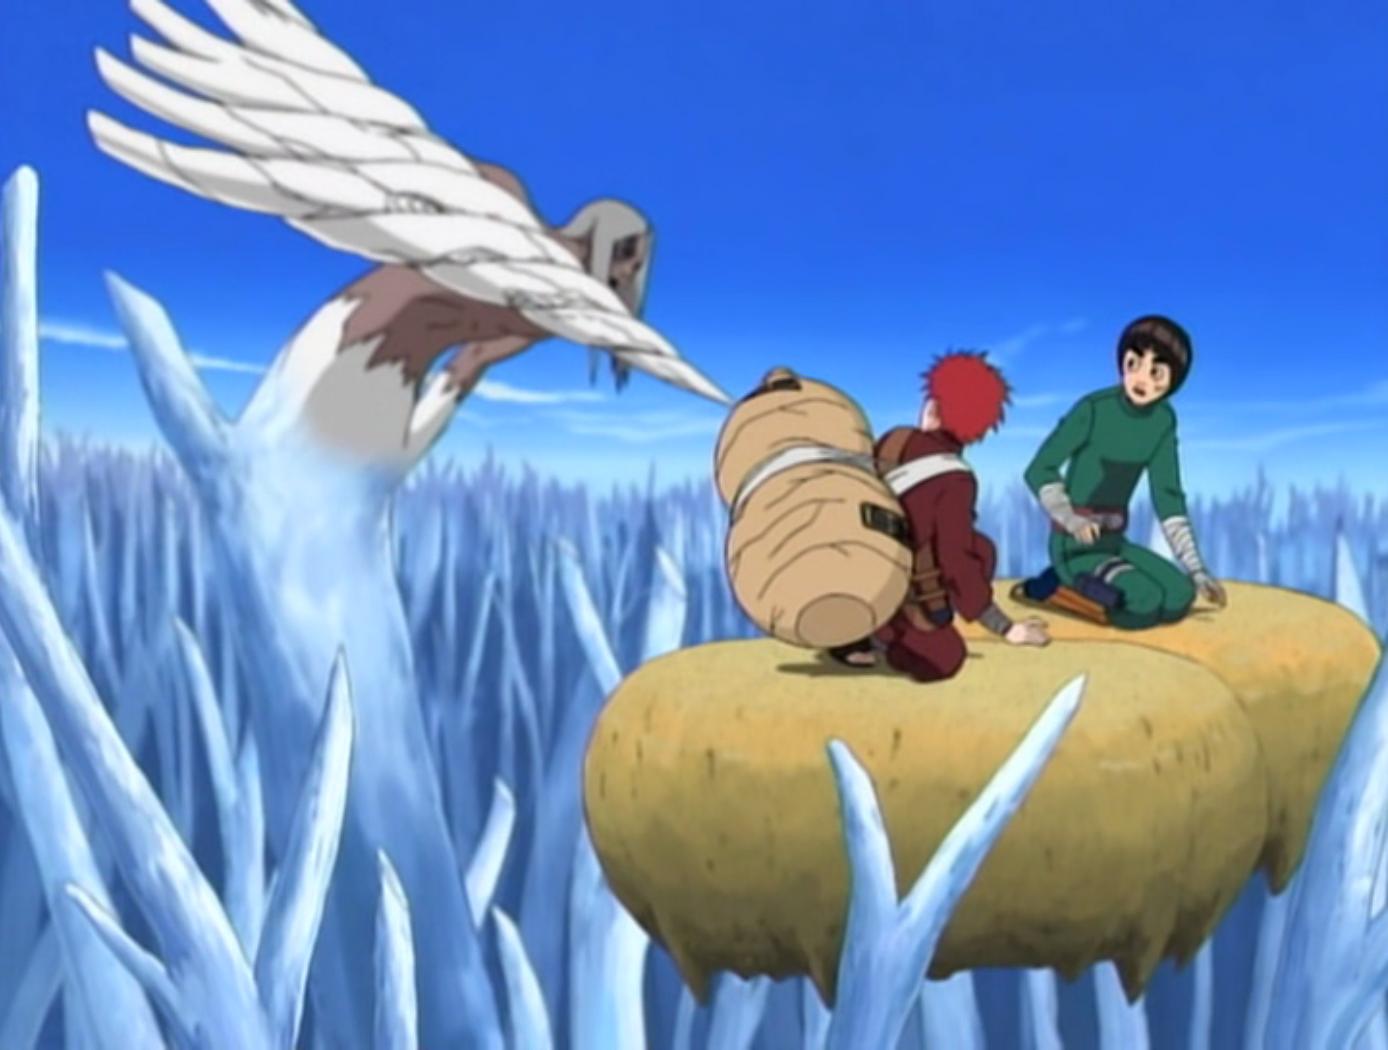 Kimimaro | Naruto Wiki | Fandom